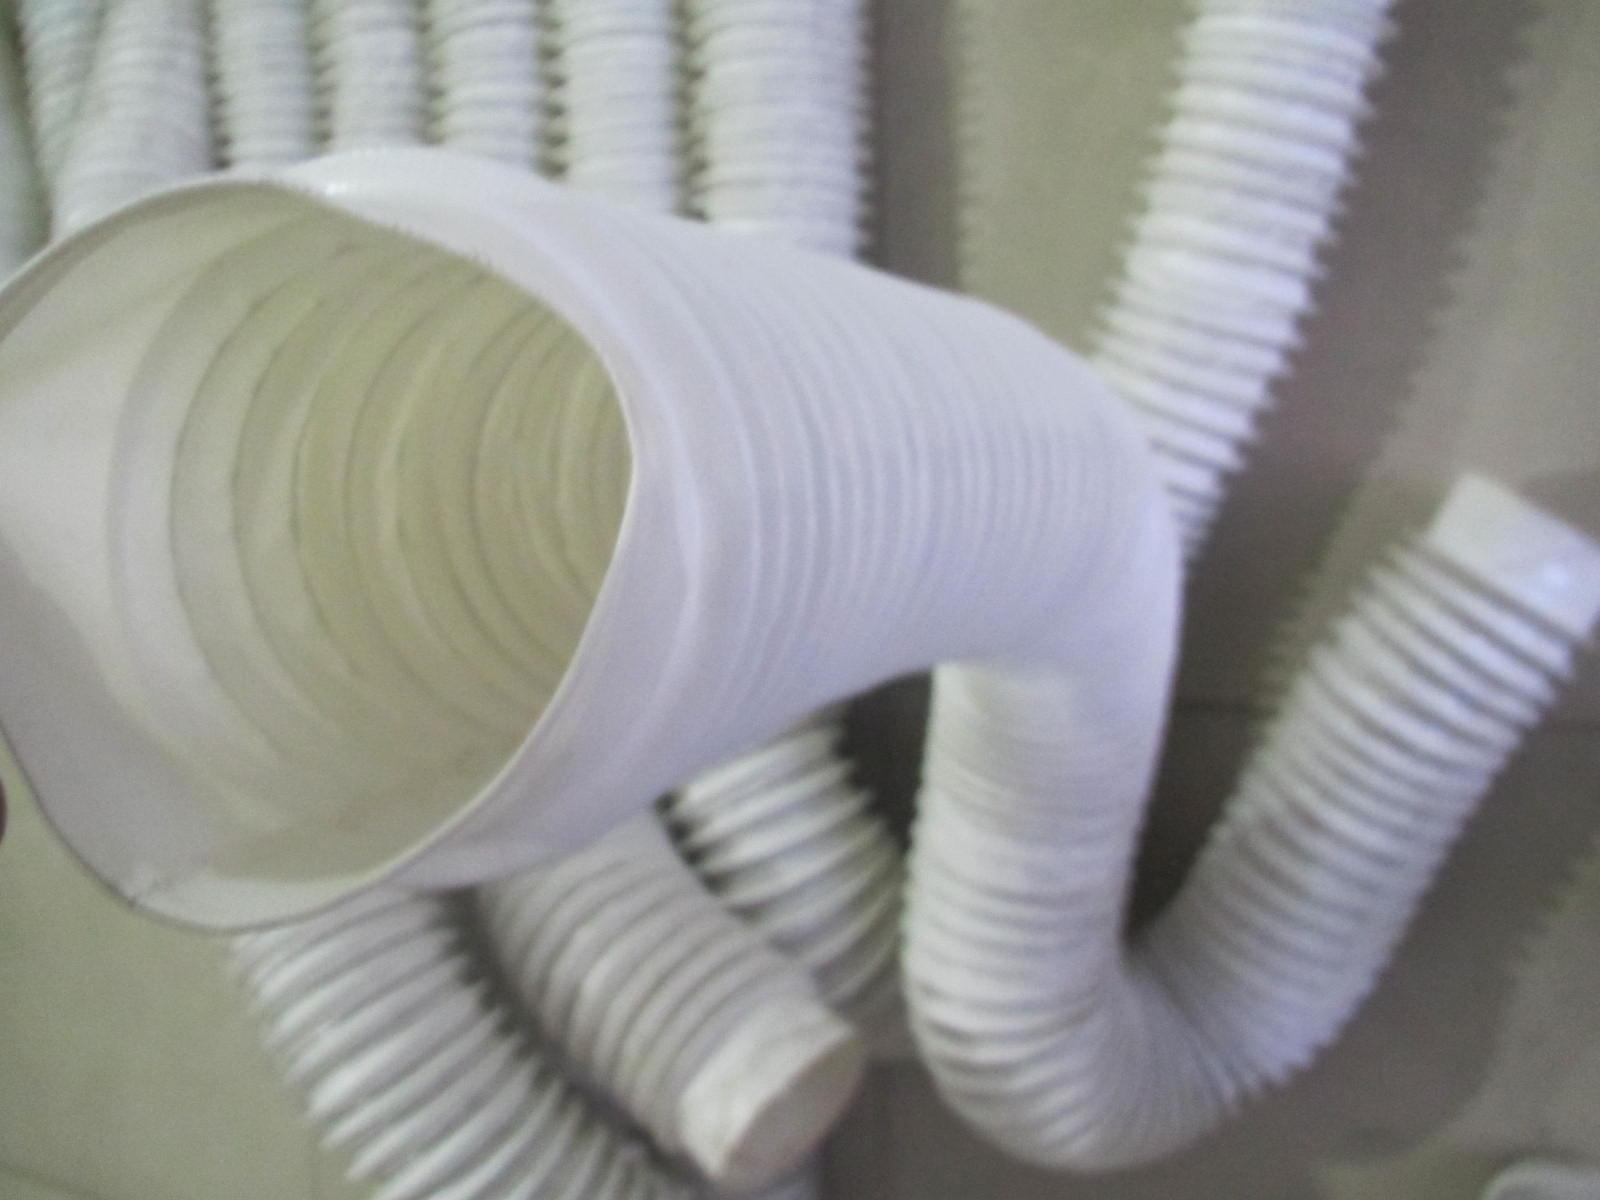 圆形丝杠伸缩防护罩产品图